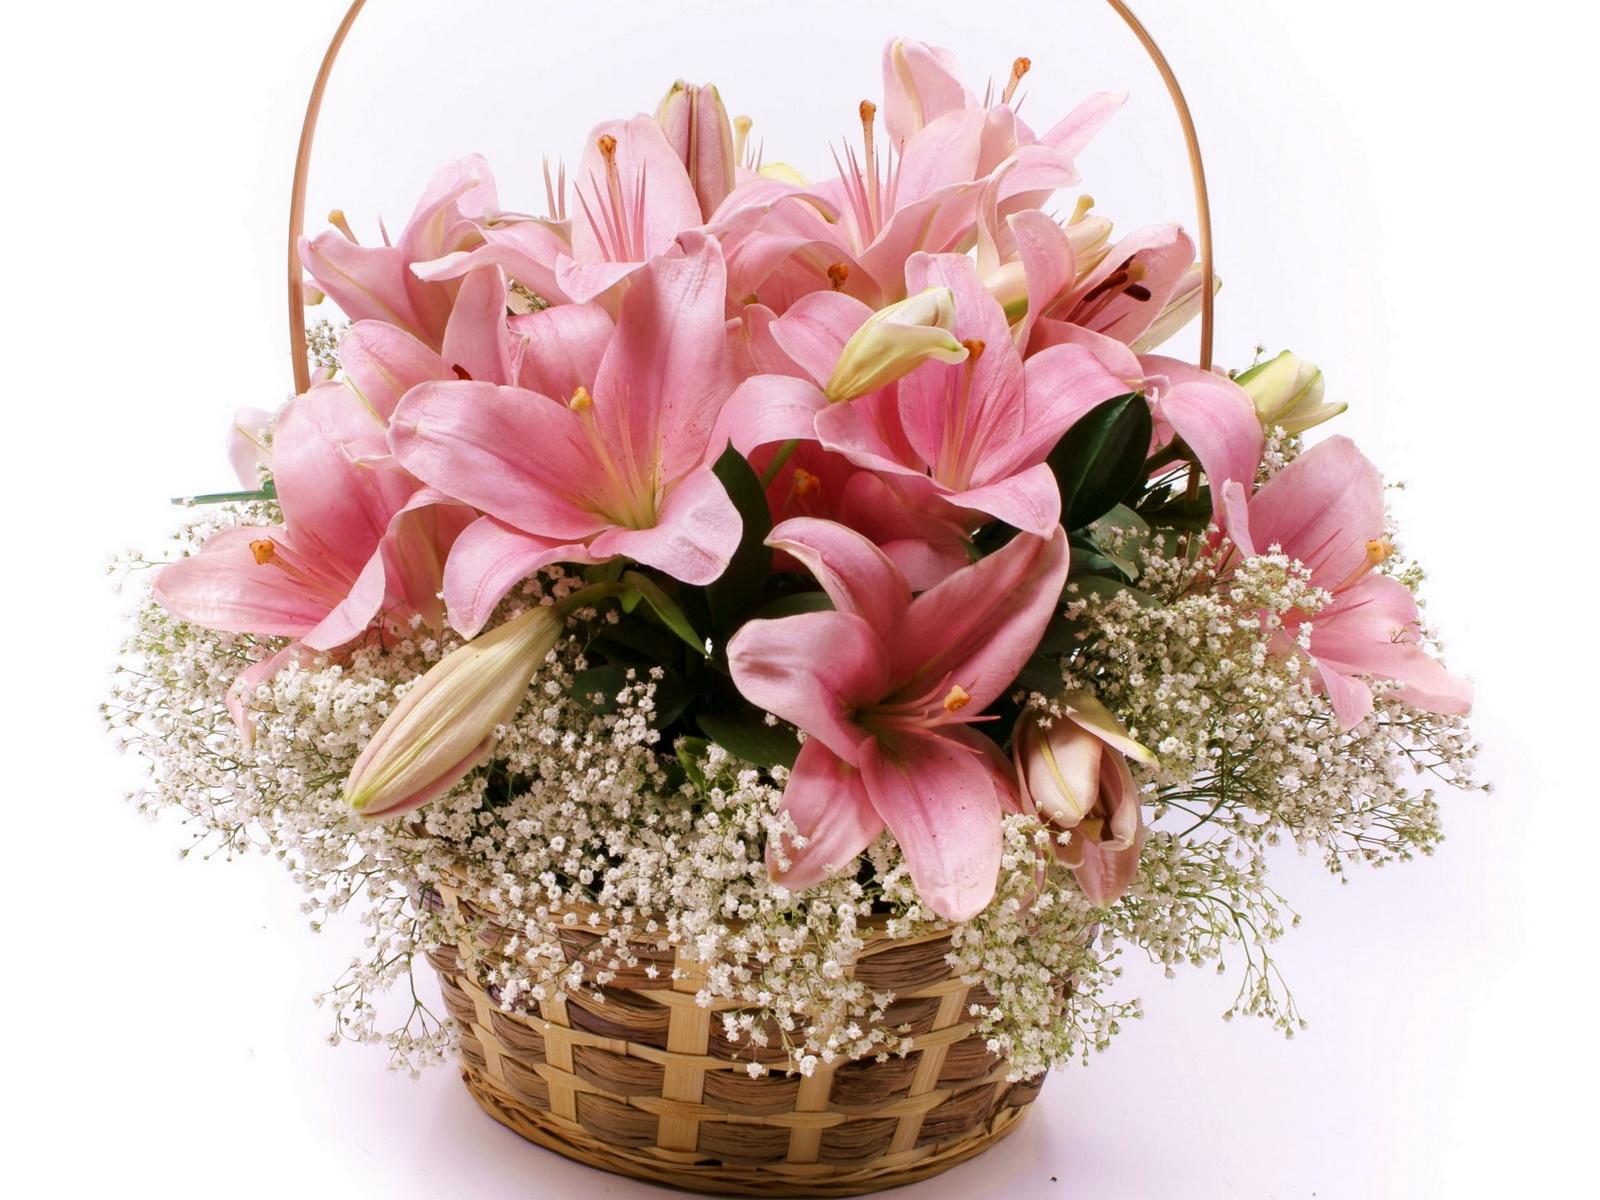 Цветы лилия открытка, фсб